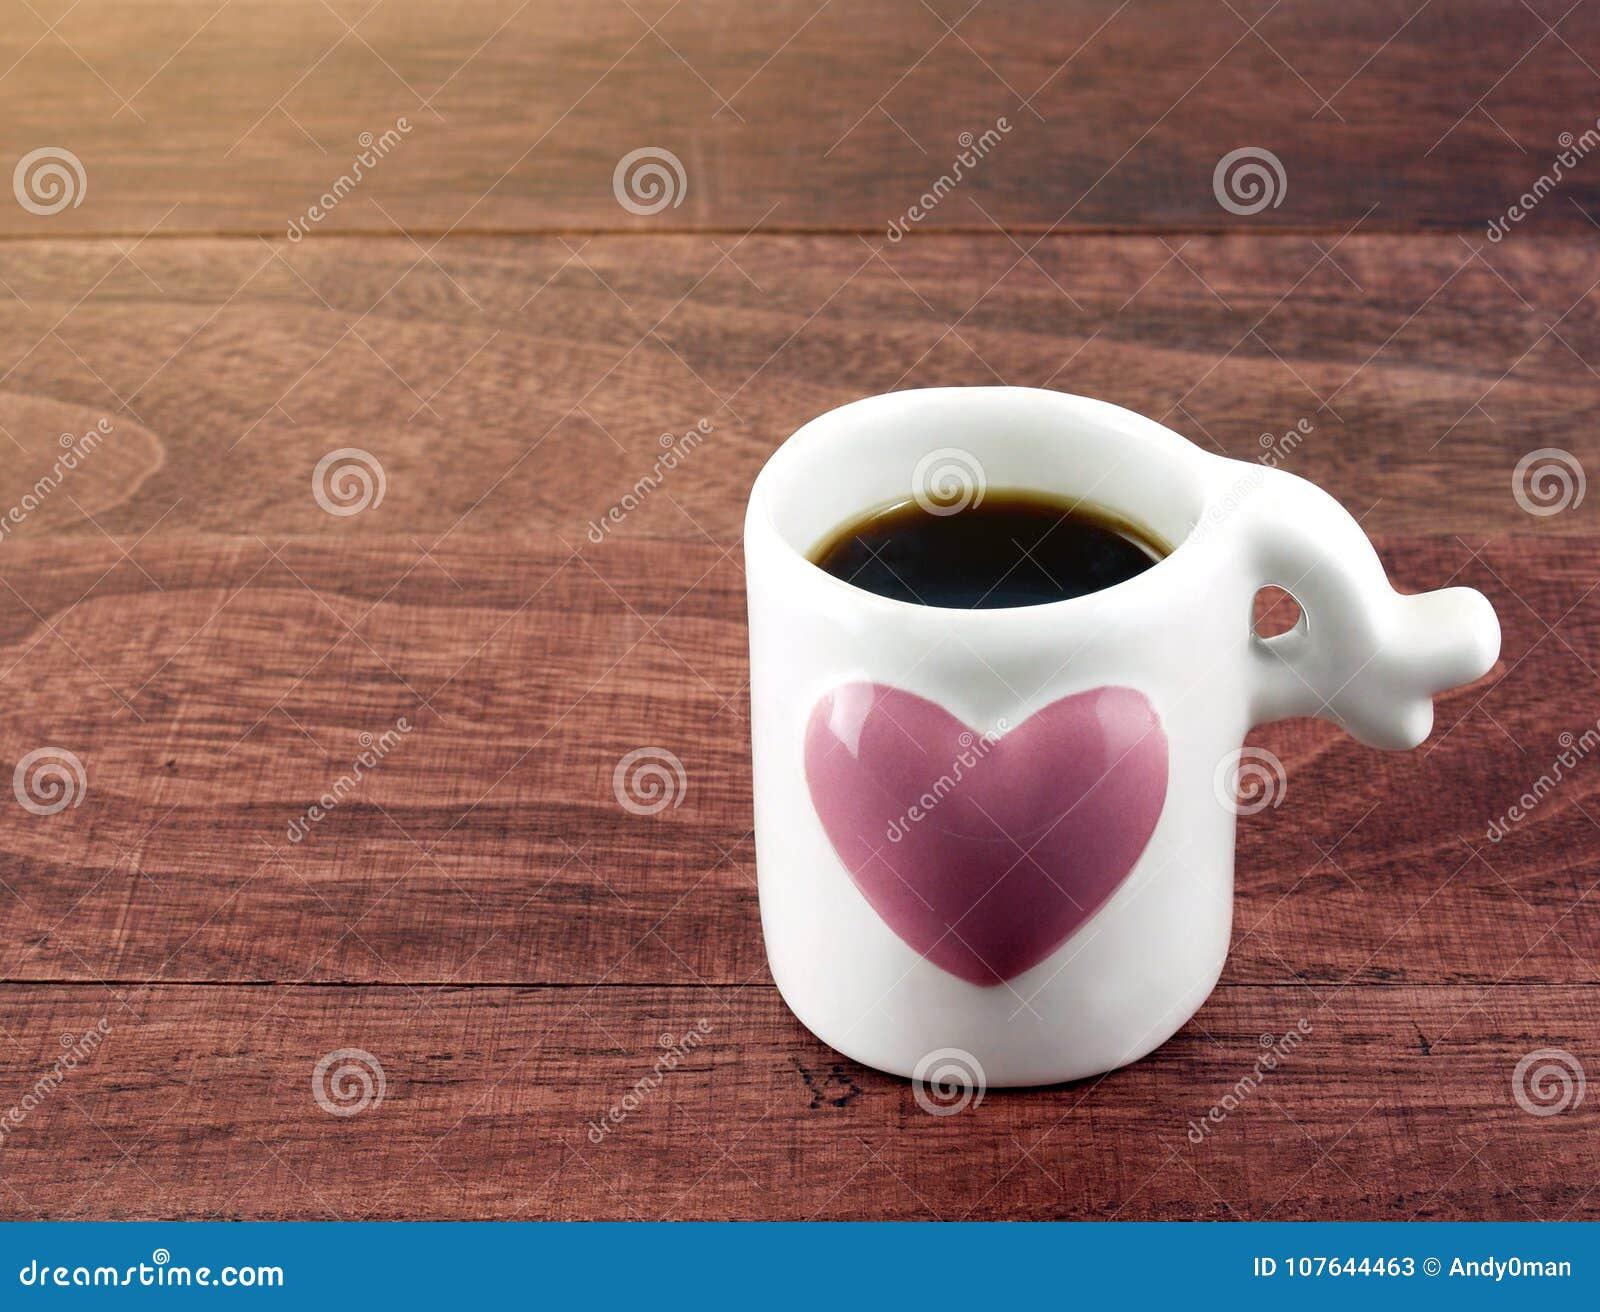 Café noir en gros plan dans la petite tasse de café blanc avec le grand coeur rose sur le plancher en bois de table de brun foncé